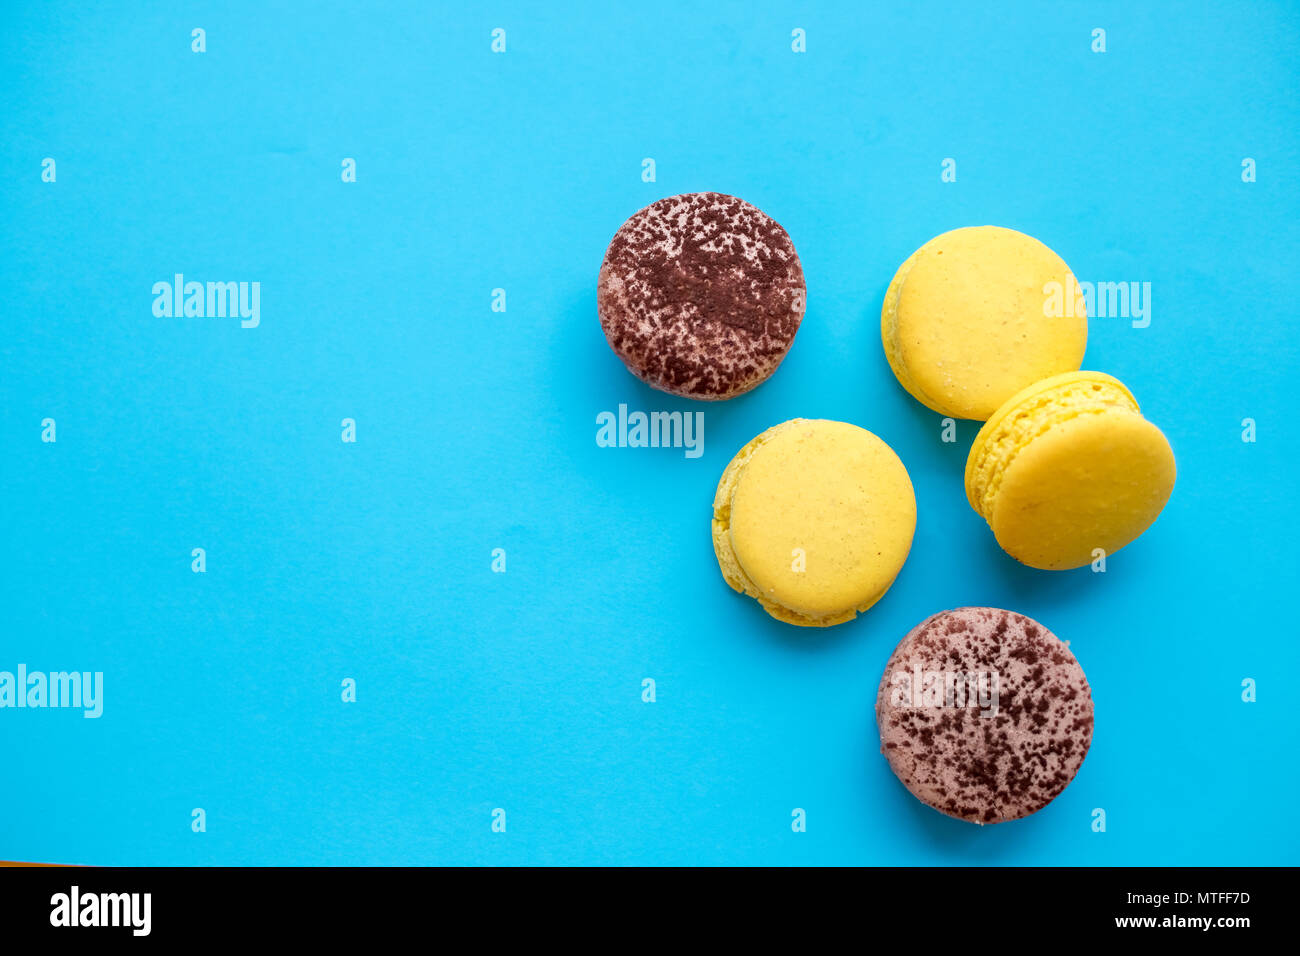 Macaron colorati torta, vista superiore piatta, laici amaretto dolce sul colore confetto blu sfondo isolato. Concetti di minima sopra di pattern, cibo sfondo. Spazio di copia . Francese dessert. Foto Stock